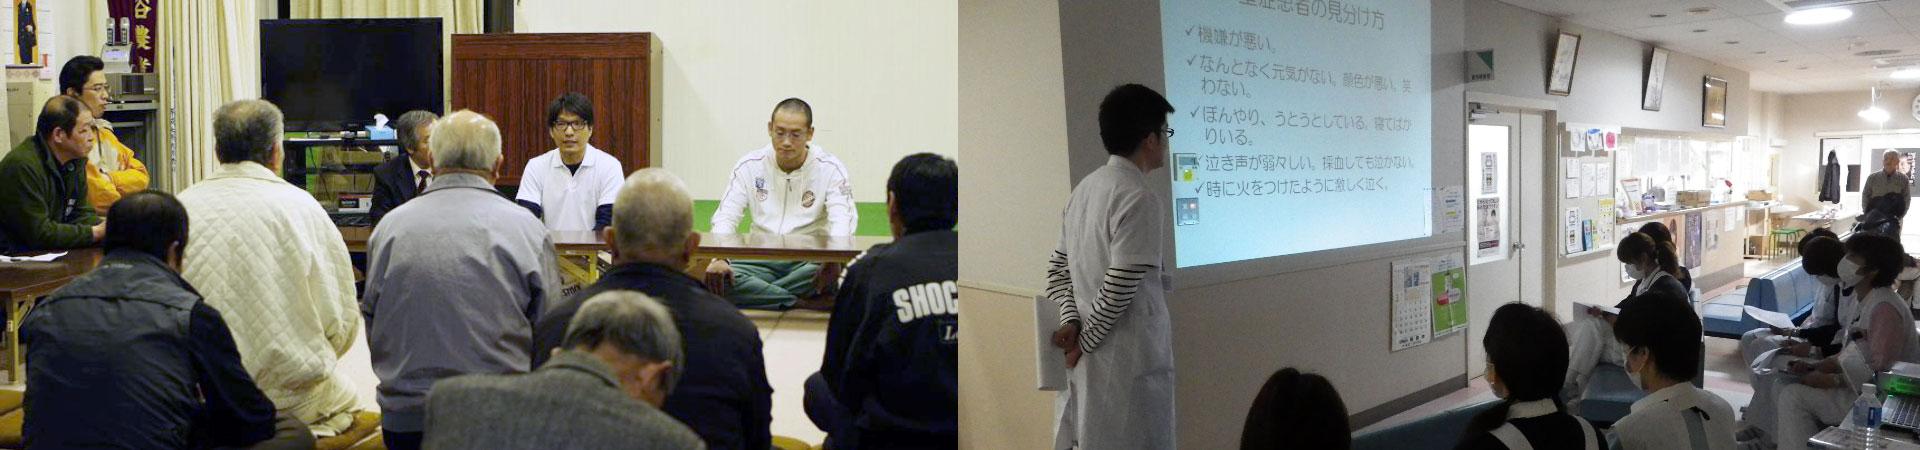 一般社団法人 日本プライマリ・ケア連合学会 東日本大震災支援プロジェクトPCAT